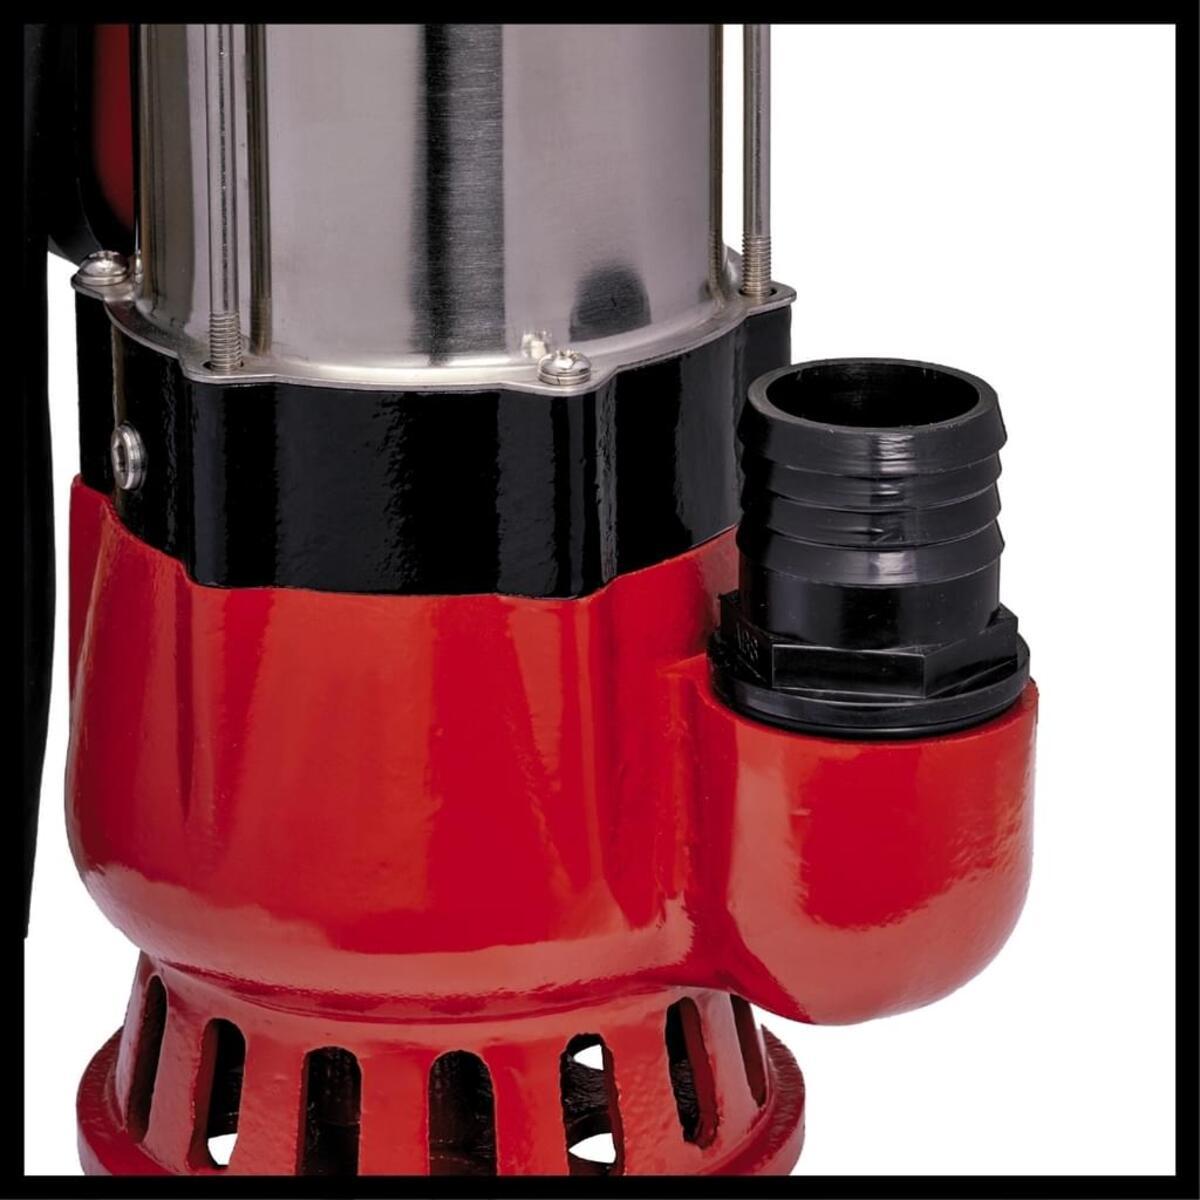 Bild 5 von Einhell Schmutzwasserpumpe GC-DP 5010 G, Leistung 500 Watt, Fördermenge max. 12000 l/h, Förderhöhe max. 8 m, Eintauchtiefe max. 5 m, Fremdkörpergröße max. 10 mm, stufenlos verstellbarer Schwimm